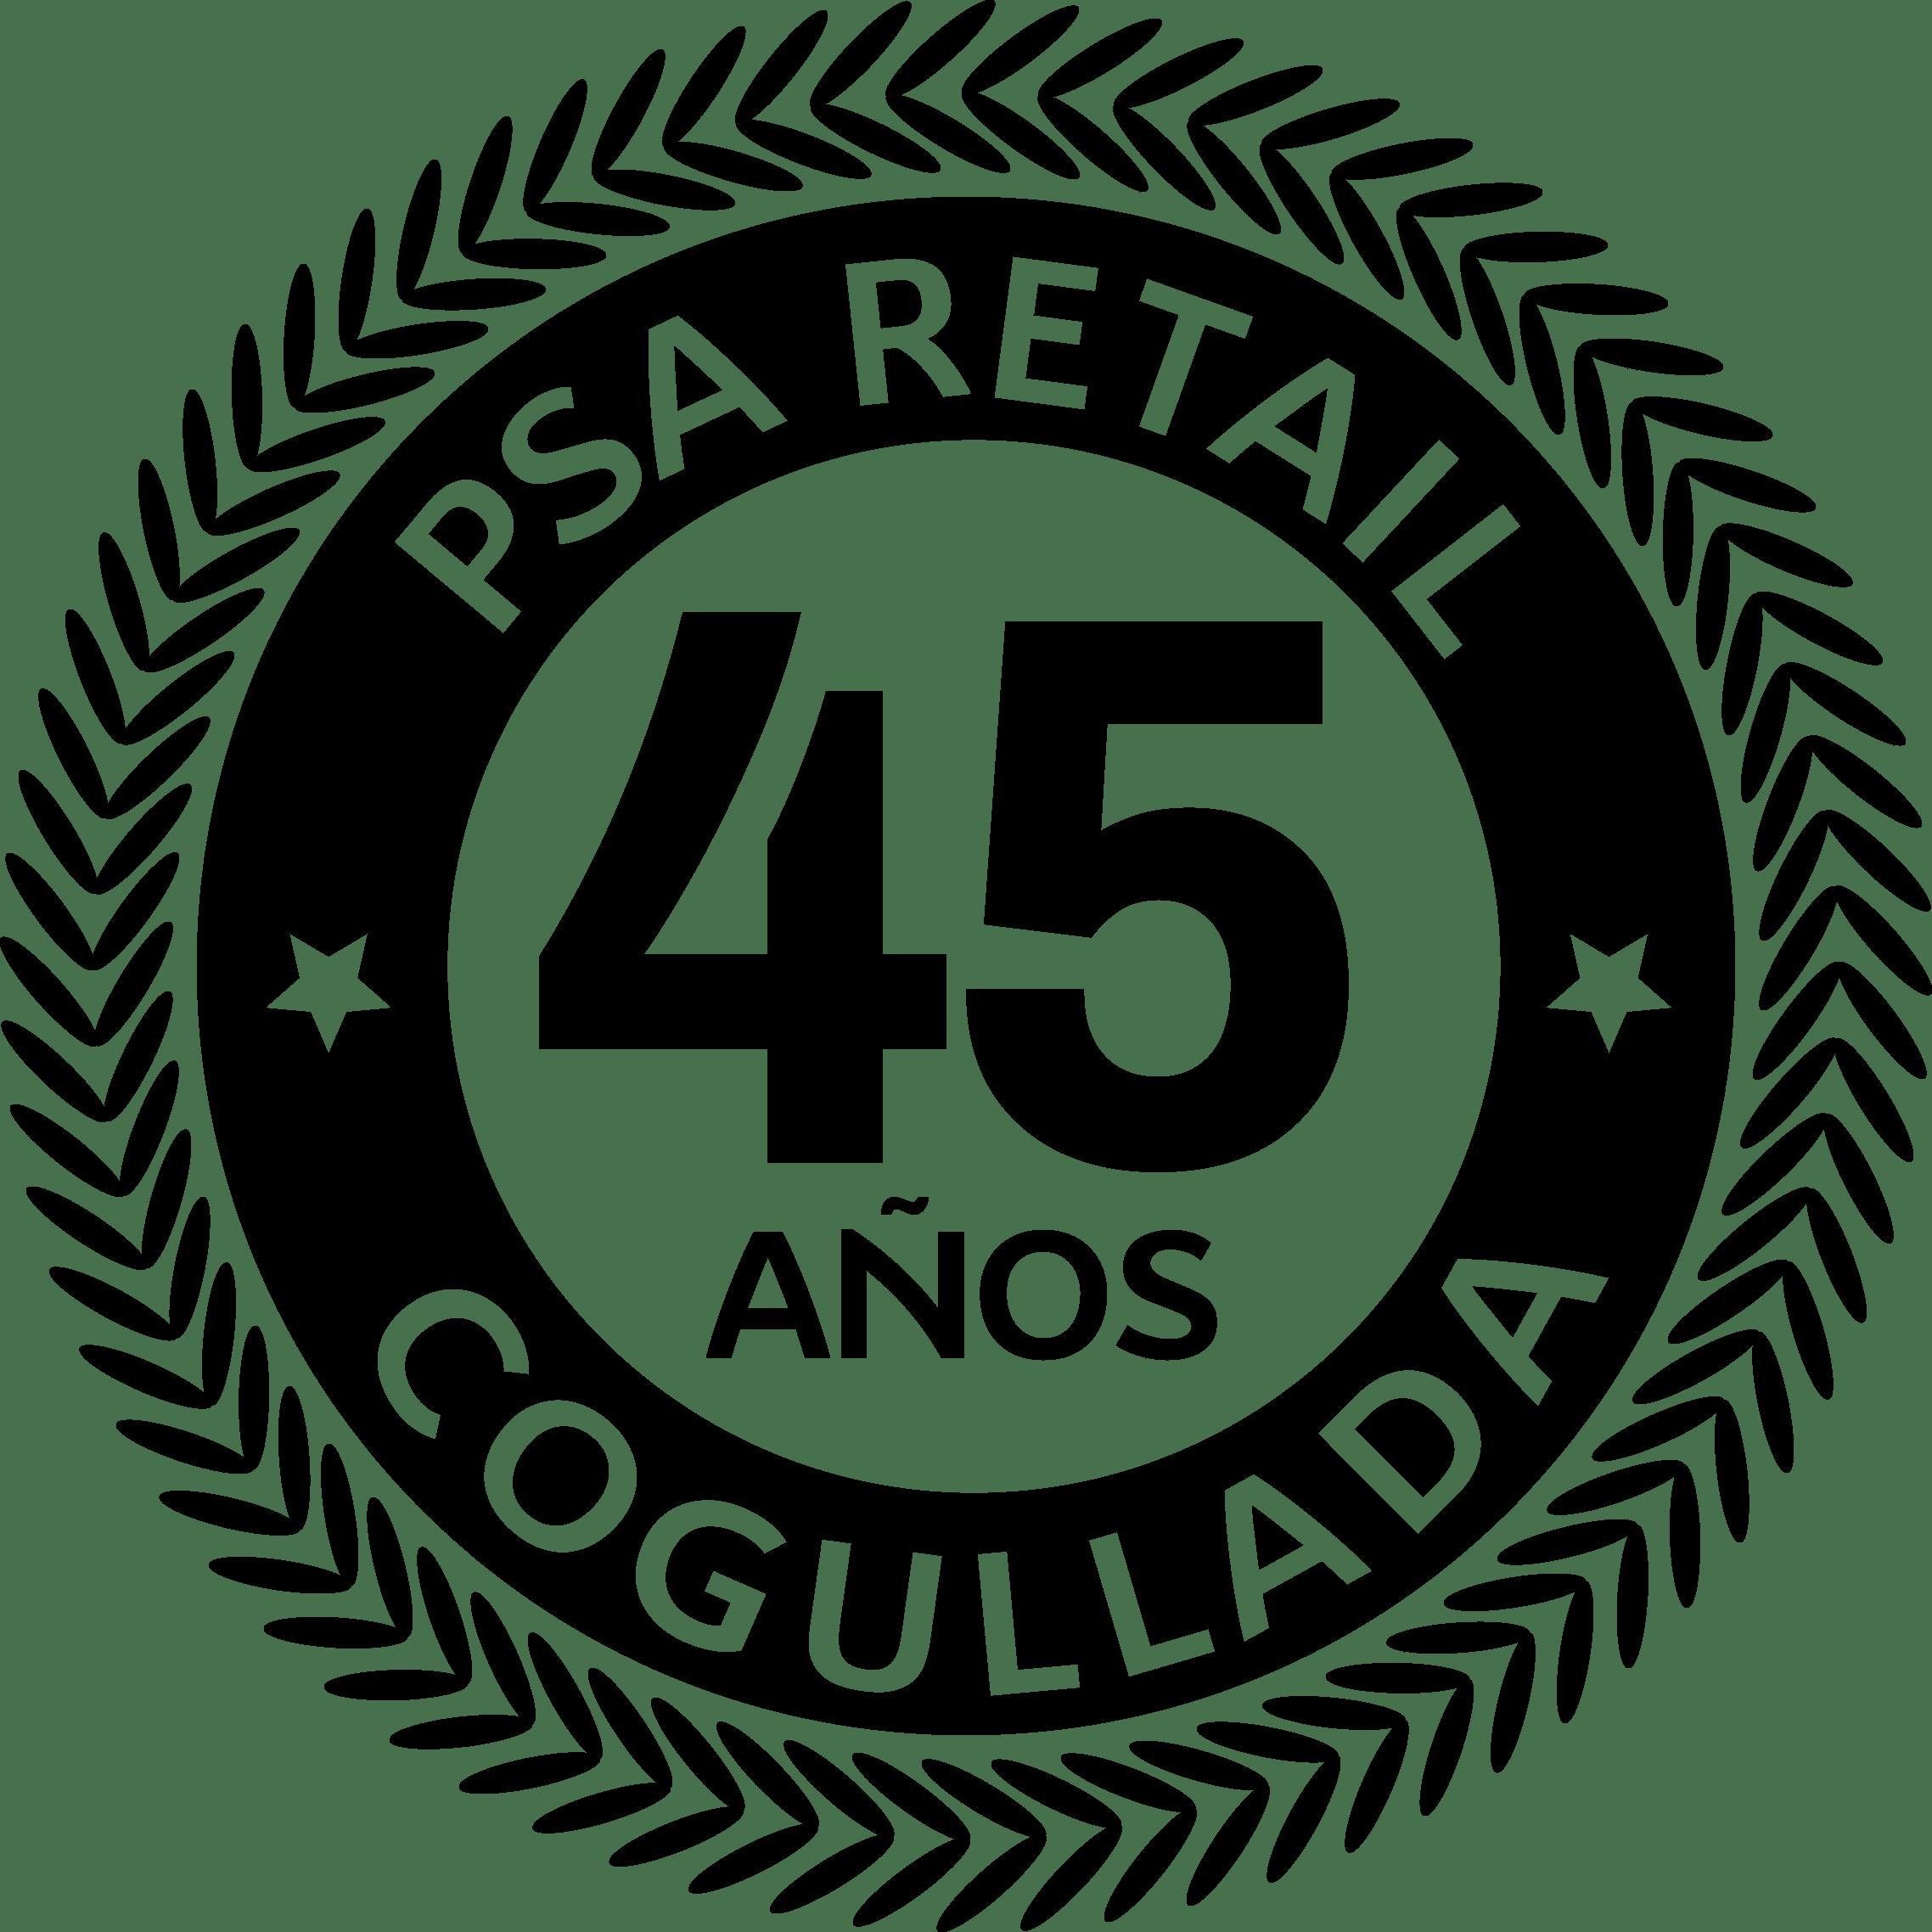 PSA Retail Zaragoza, Concesionario Oficial Citroën Zaragoza